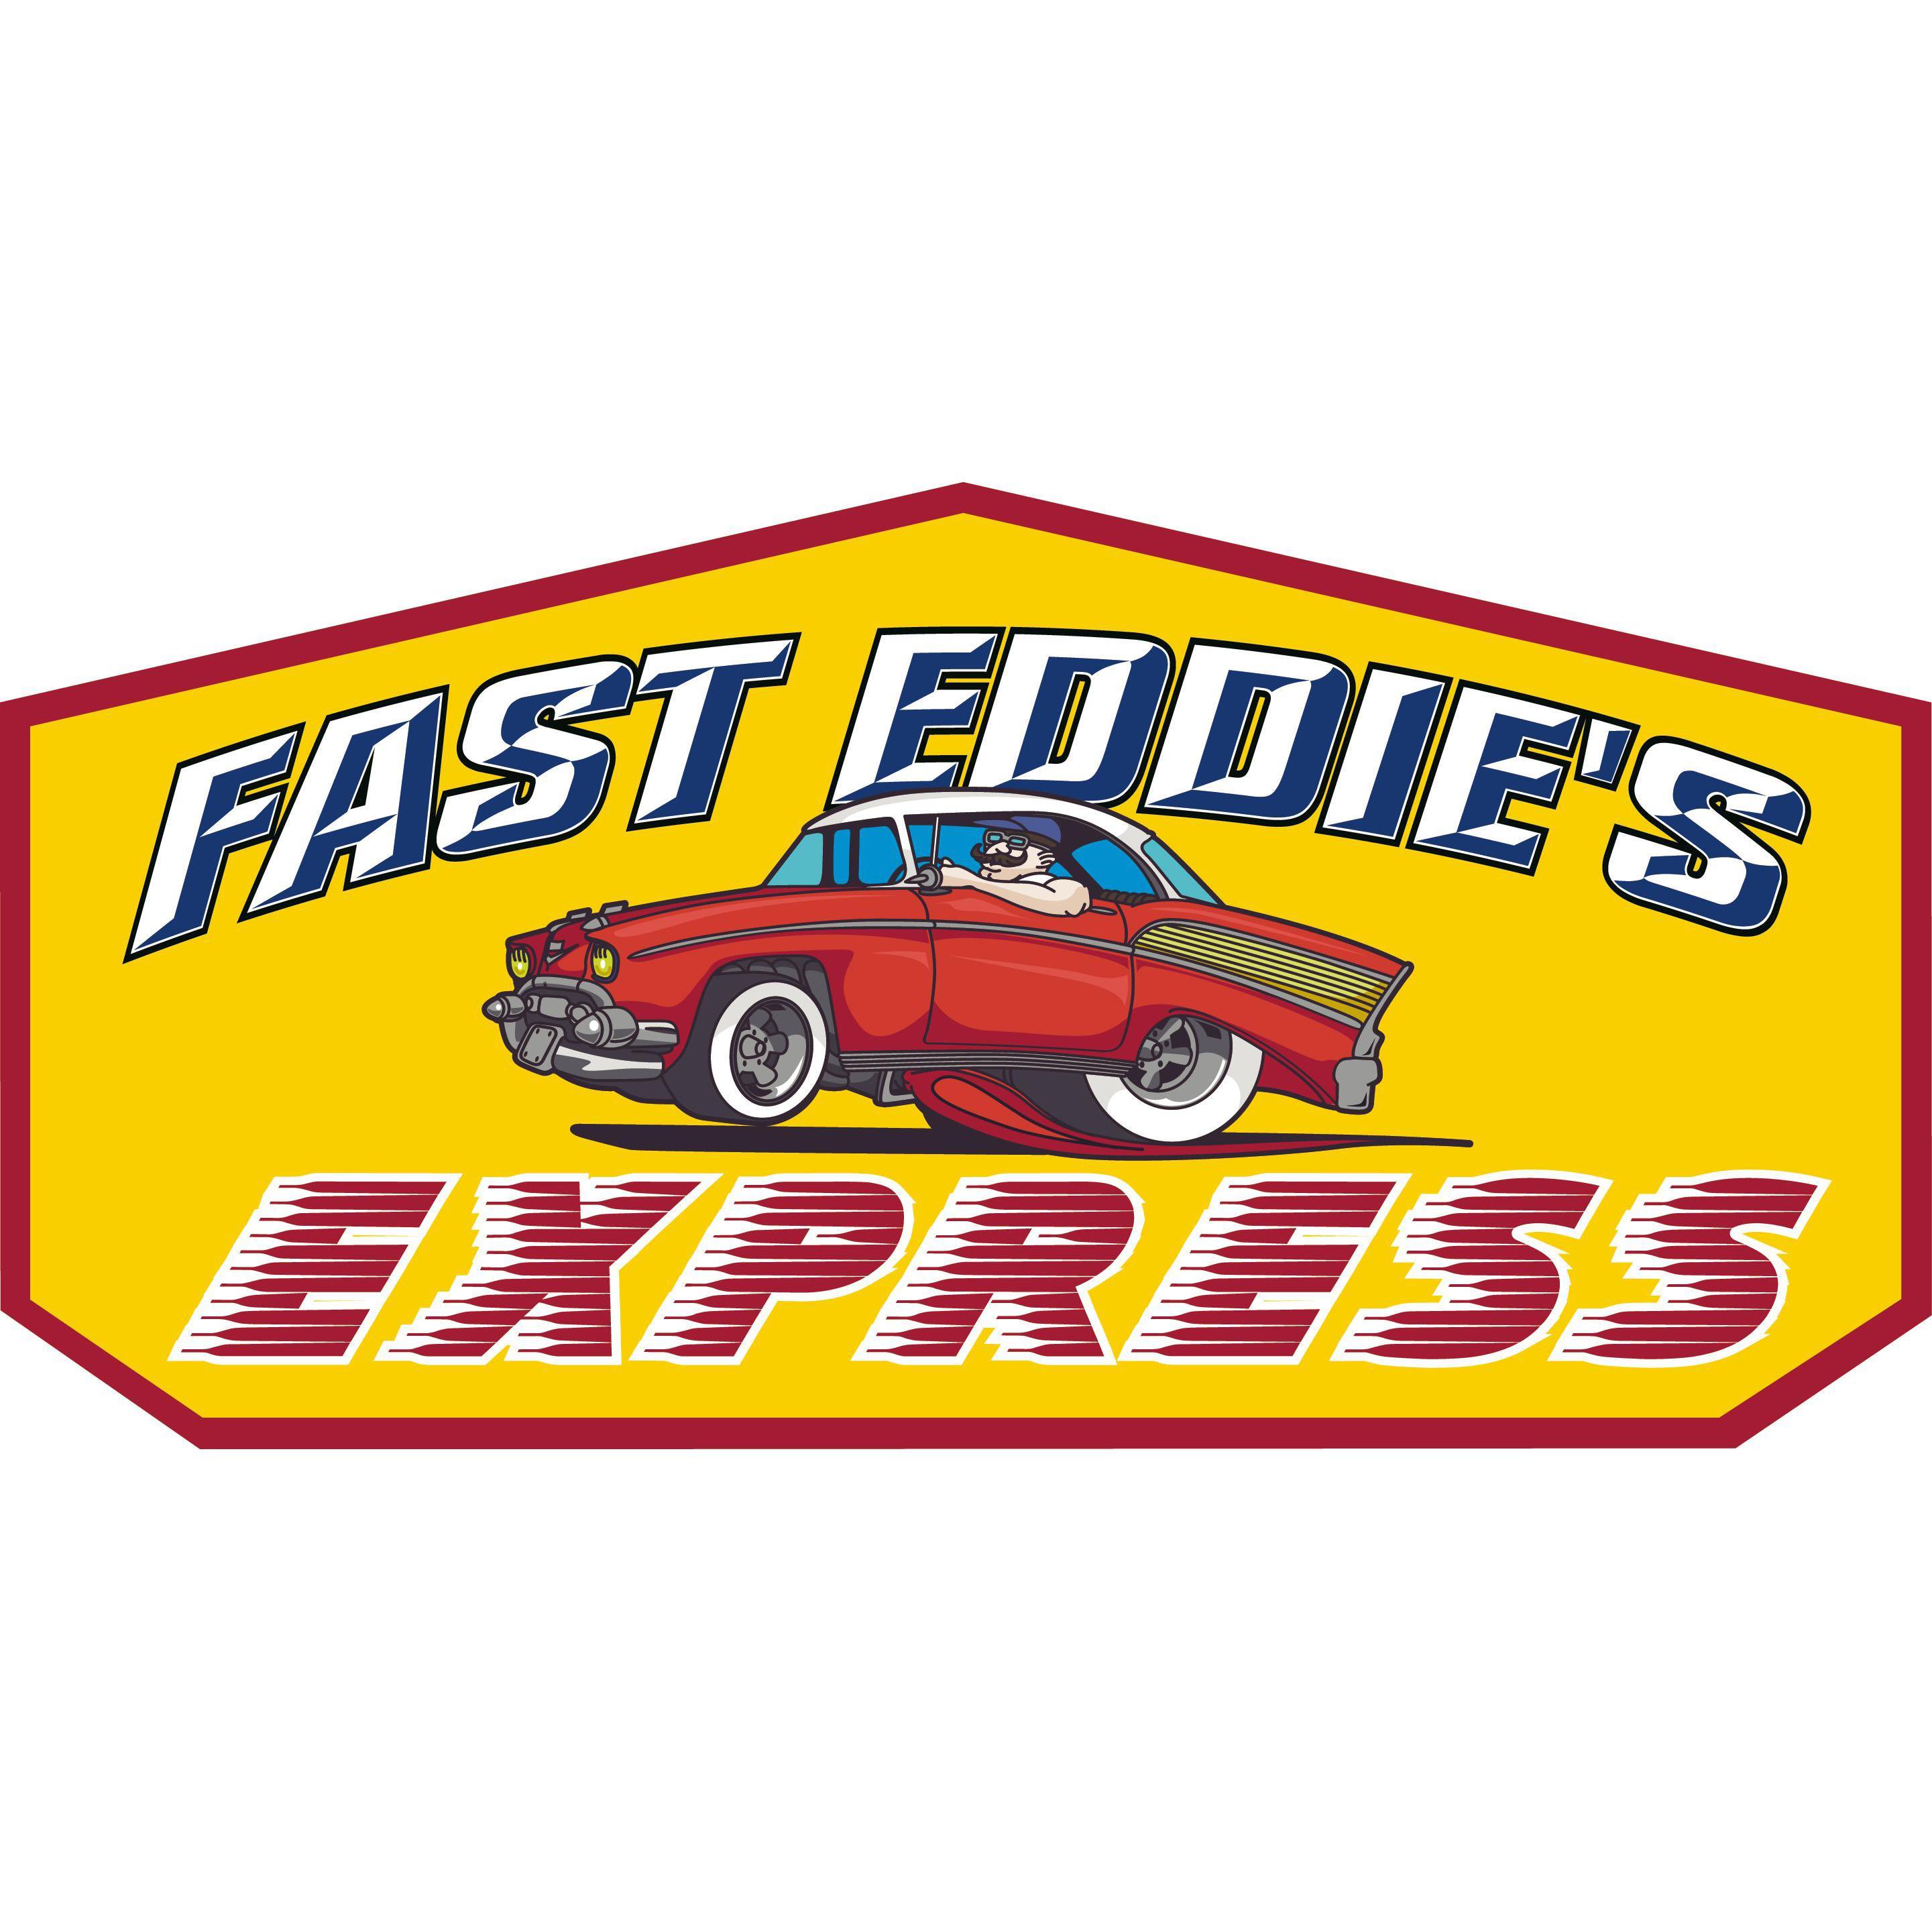 Fast Eddie's Express Car Wash